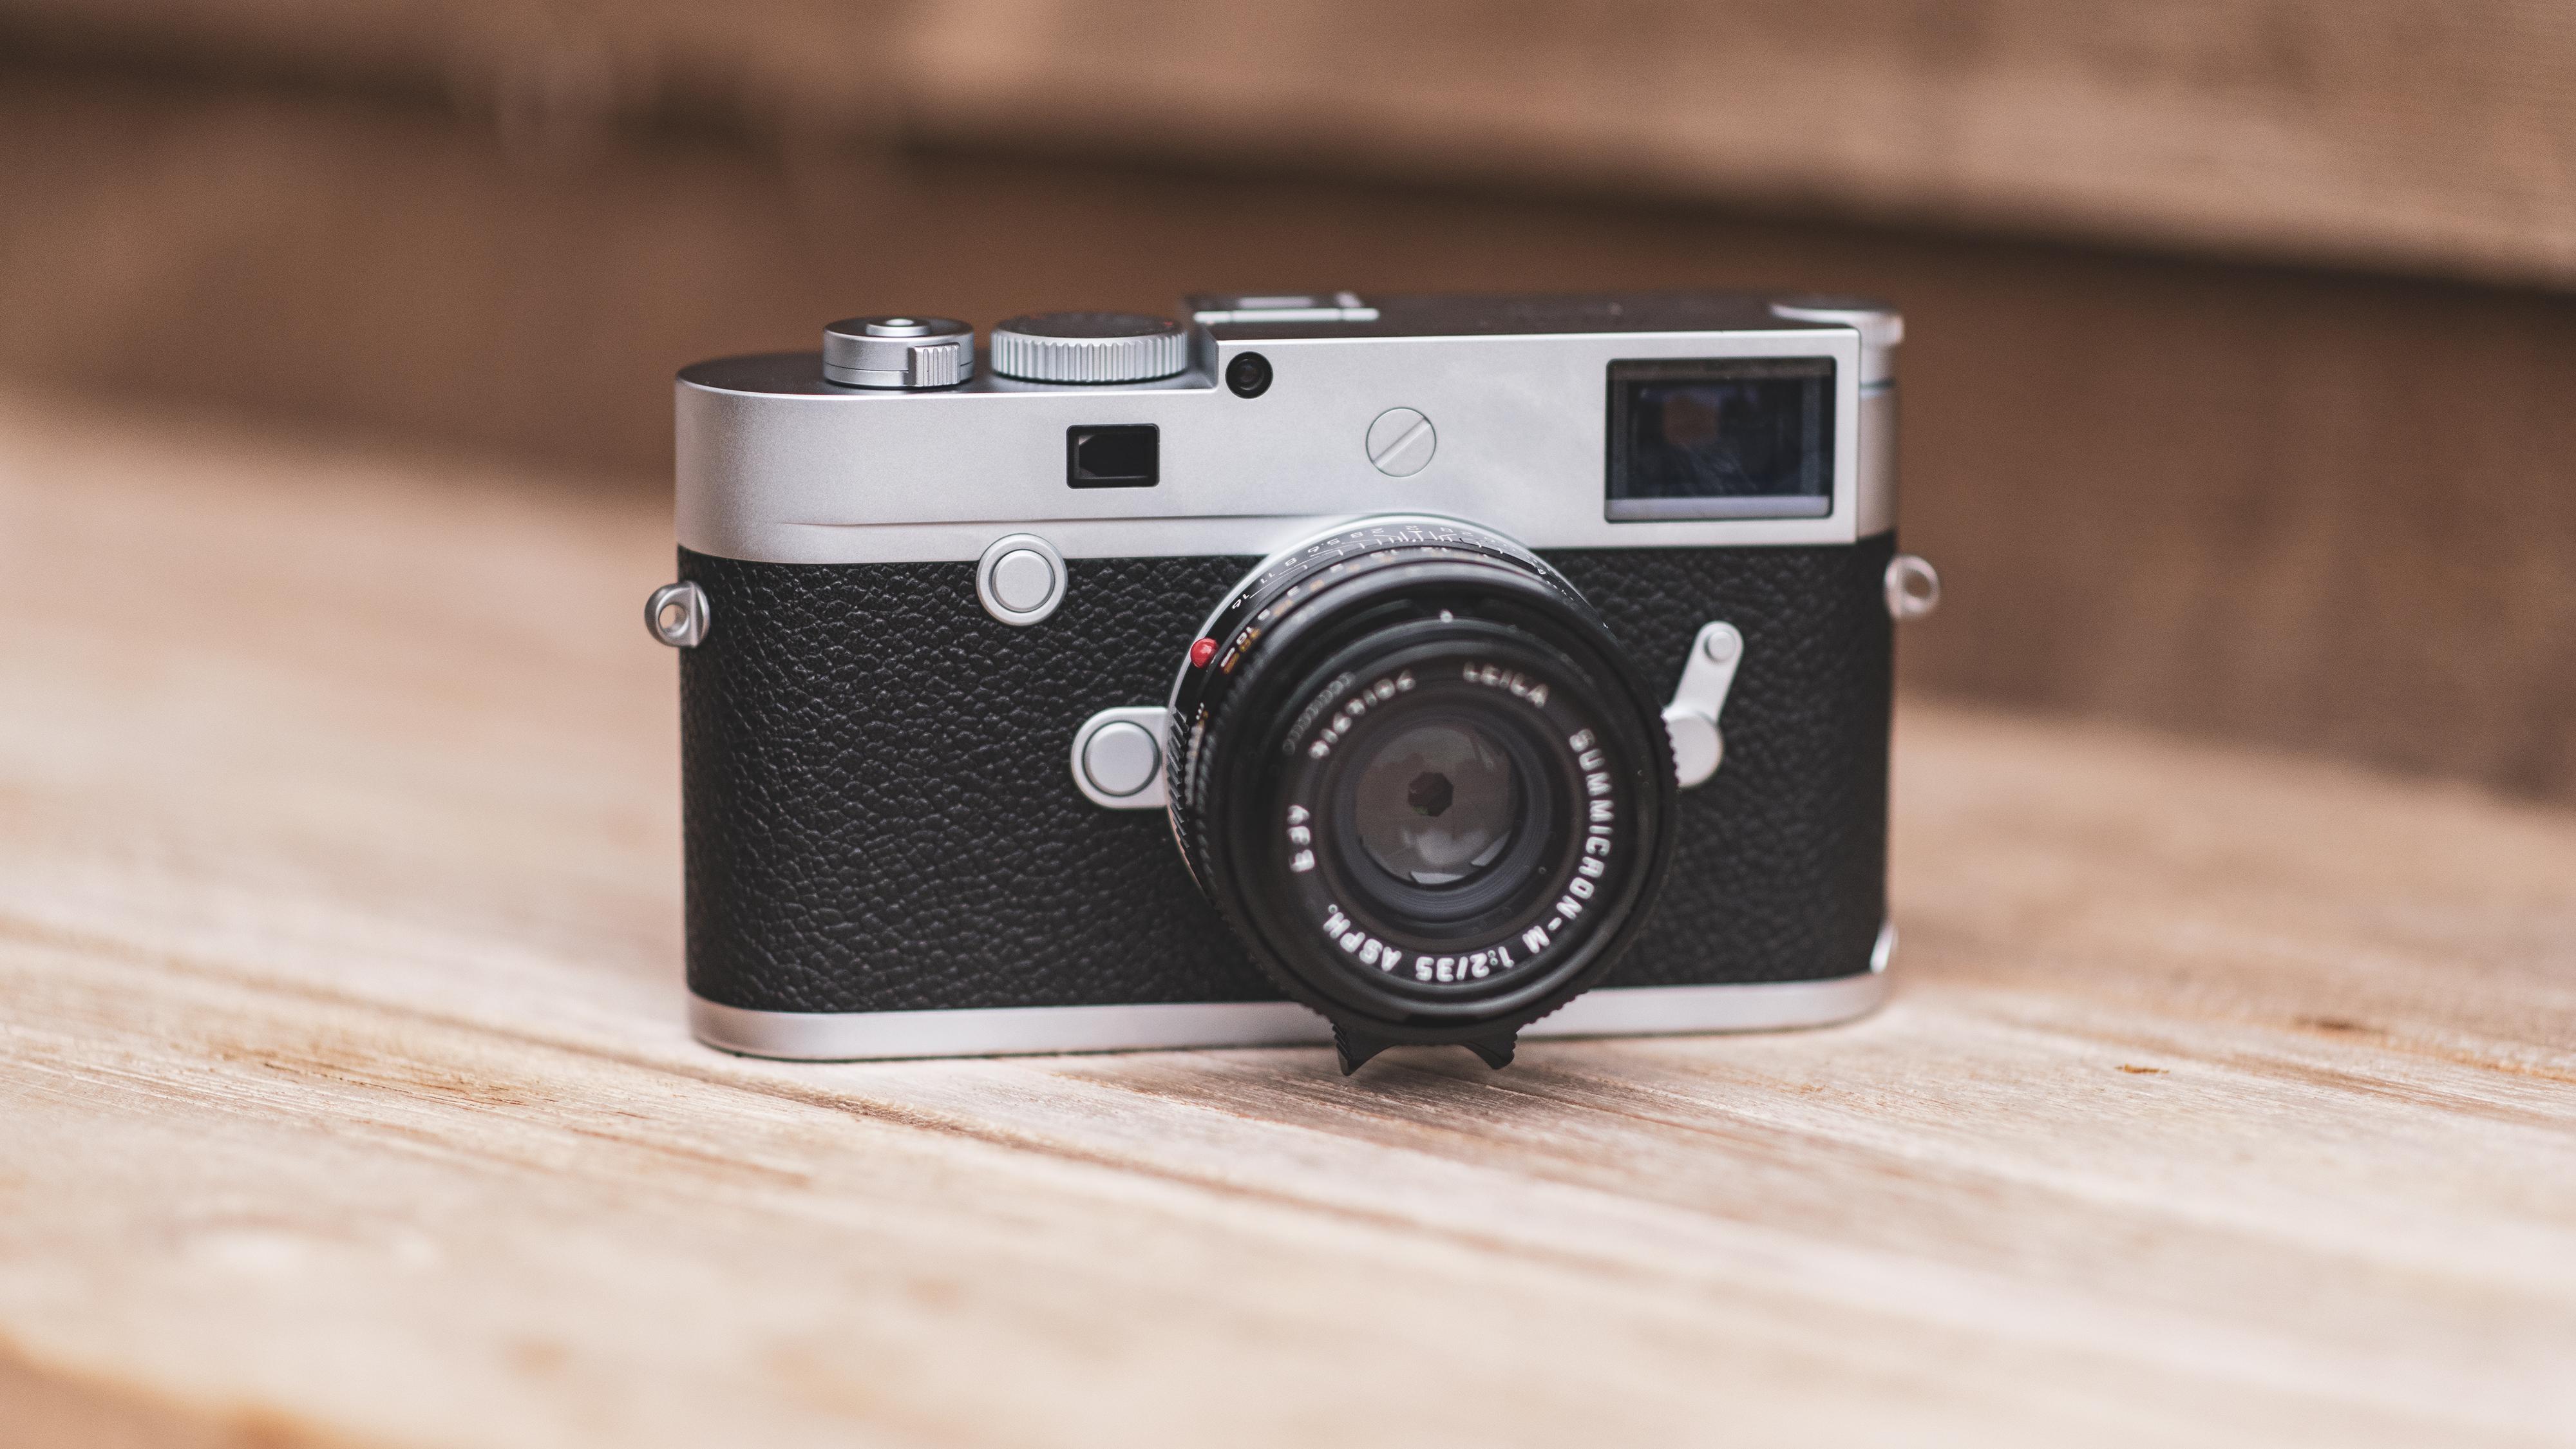 Leica Entfernungsmesser Einstellen : Leica m p